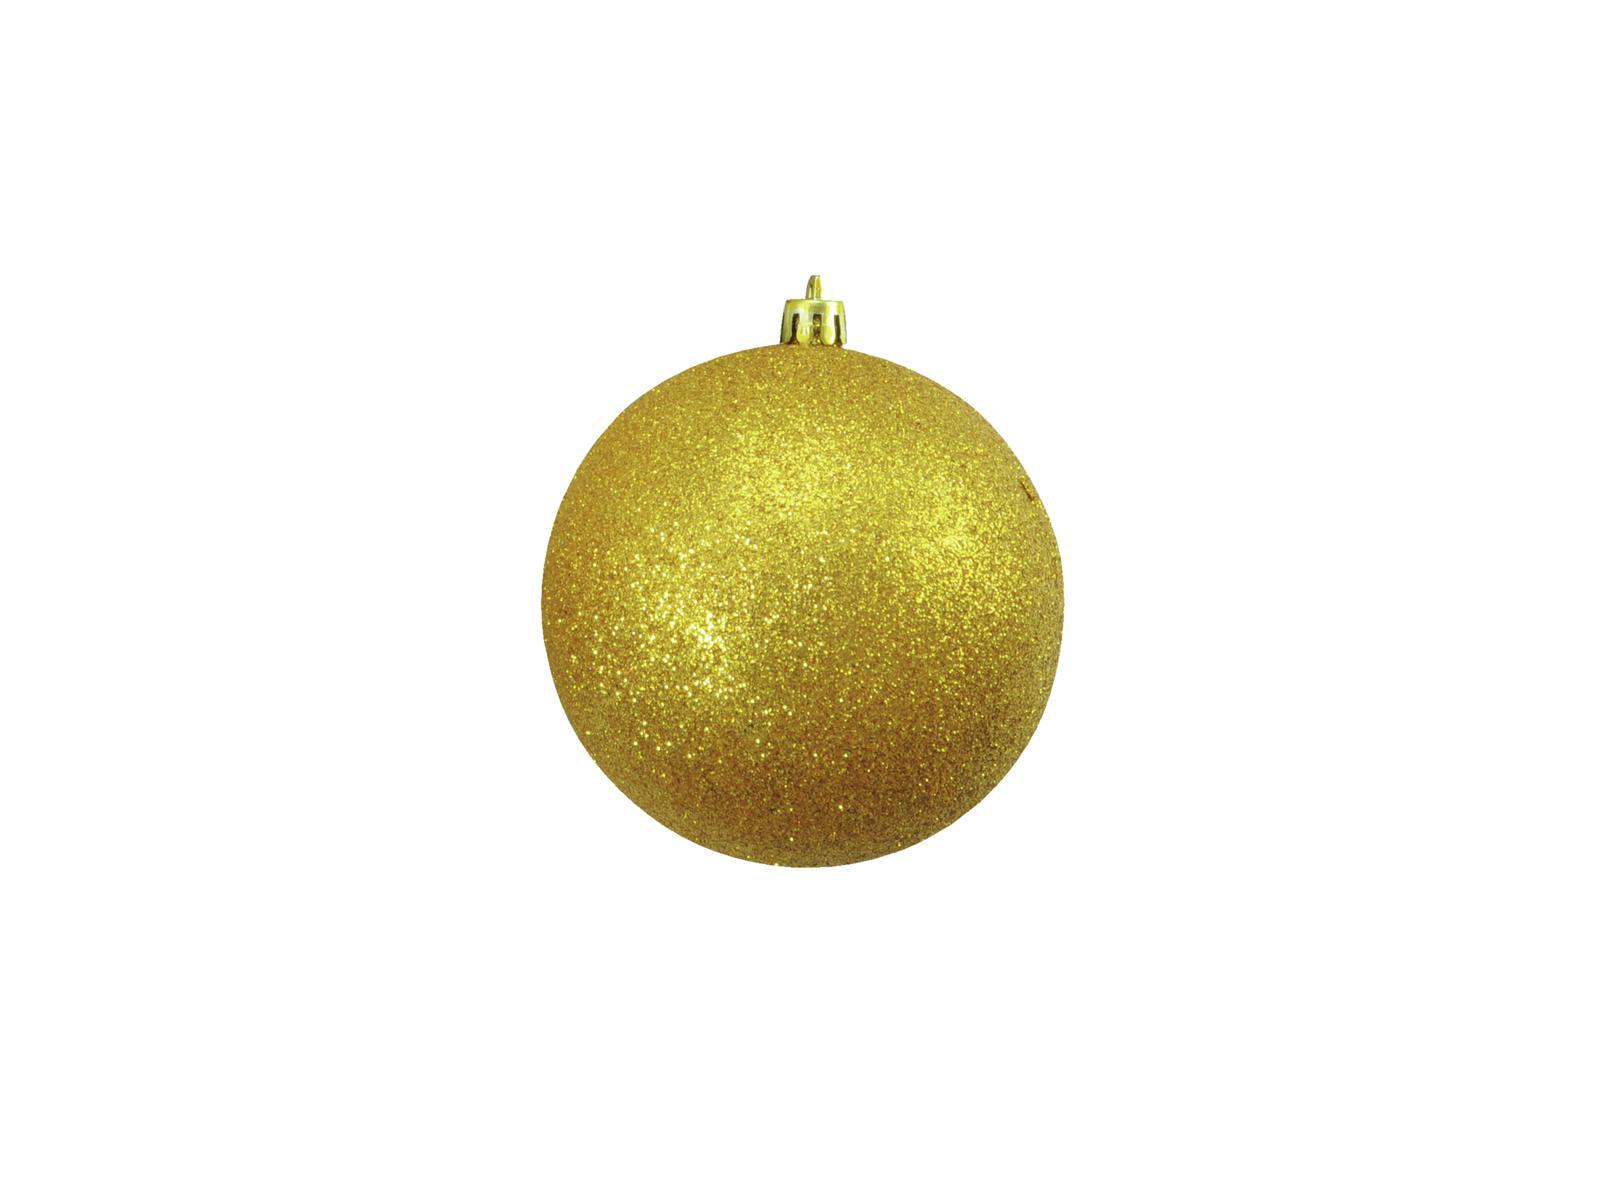 Vánoční dekorační ozdoby, 10 cm, zlaté se třpytkami, 4 ks